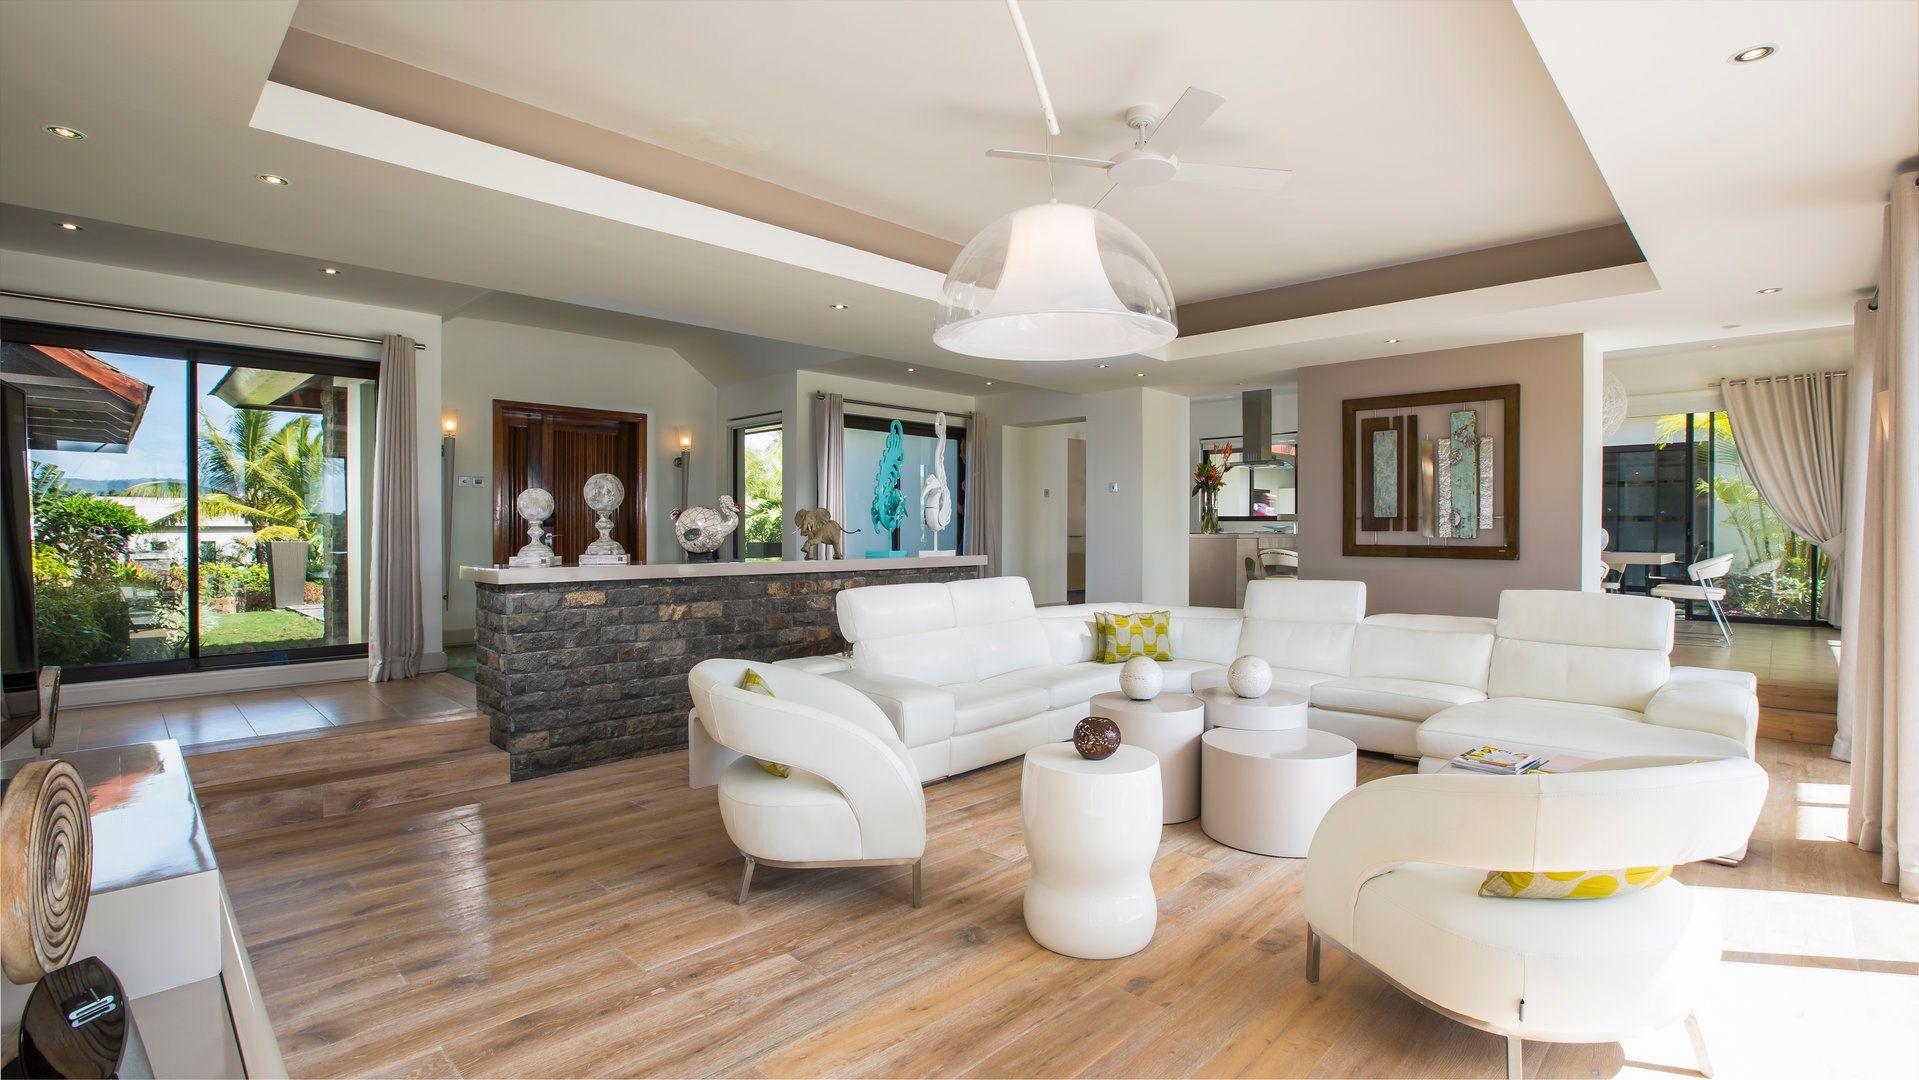 Maison à vendre 7 2098m2 à Ile Maurice vignette-5